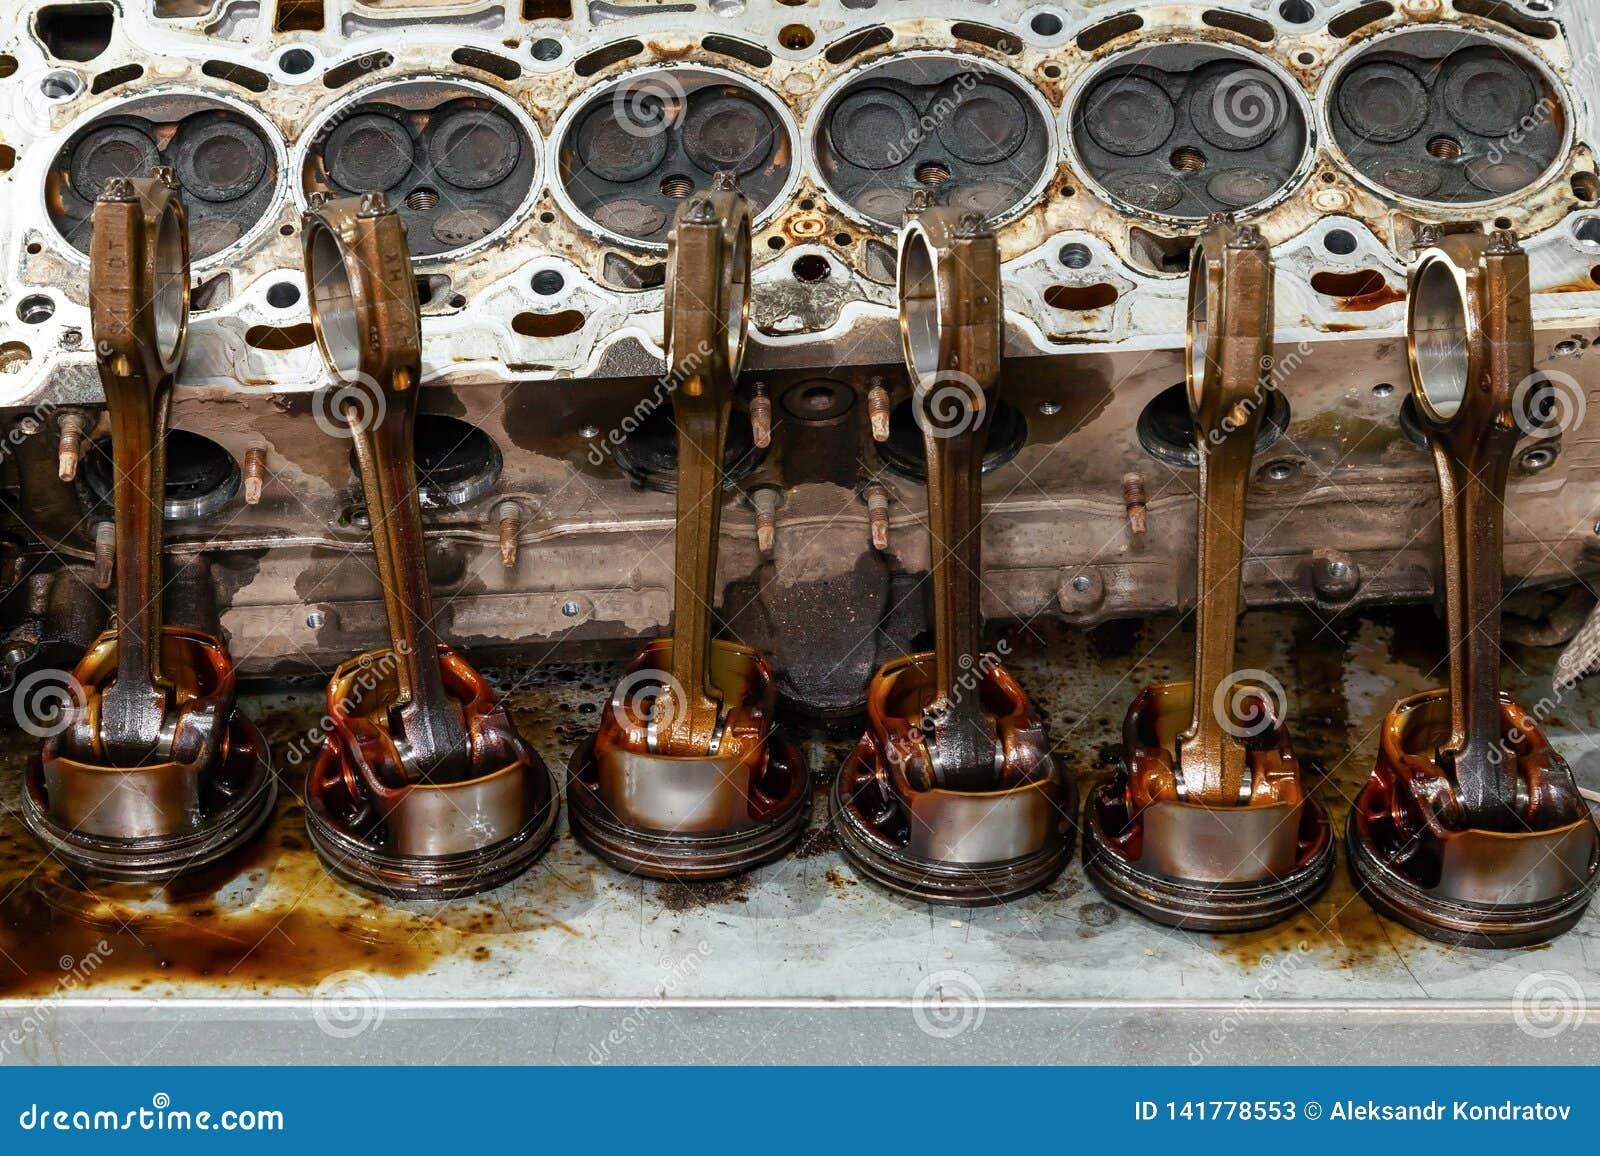 Μέρος της μηχανής που αφαιρείται από ένα χρησιμοποιημένο αυτοκίνητο για την επισκευή του ασημένιων μετάλλου και του αργιλίου με έ